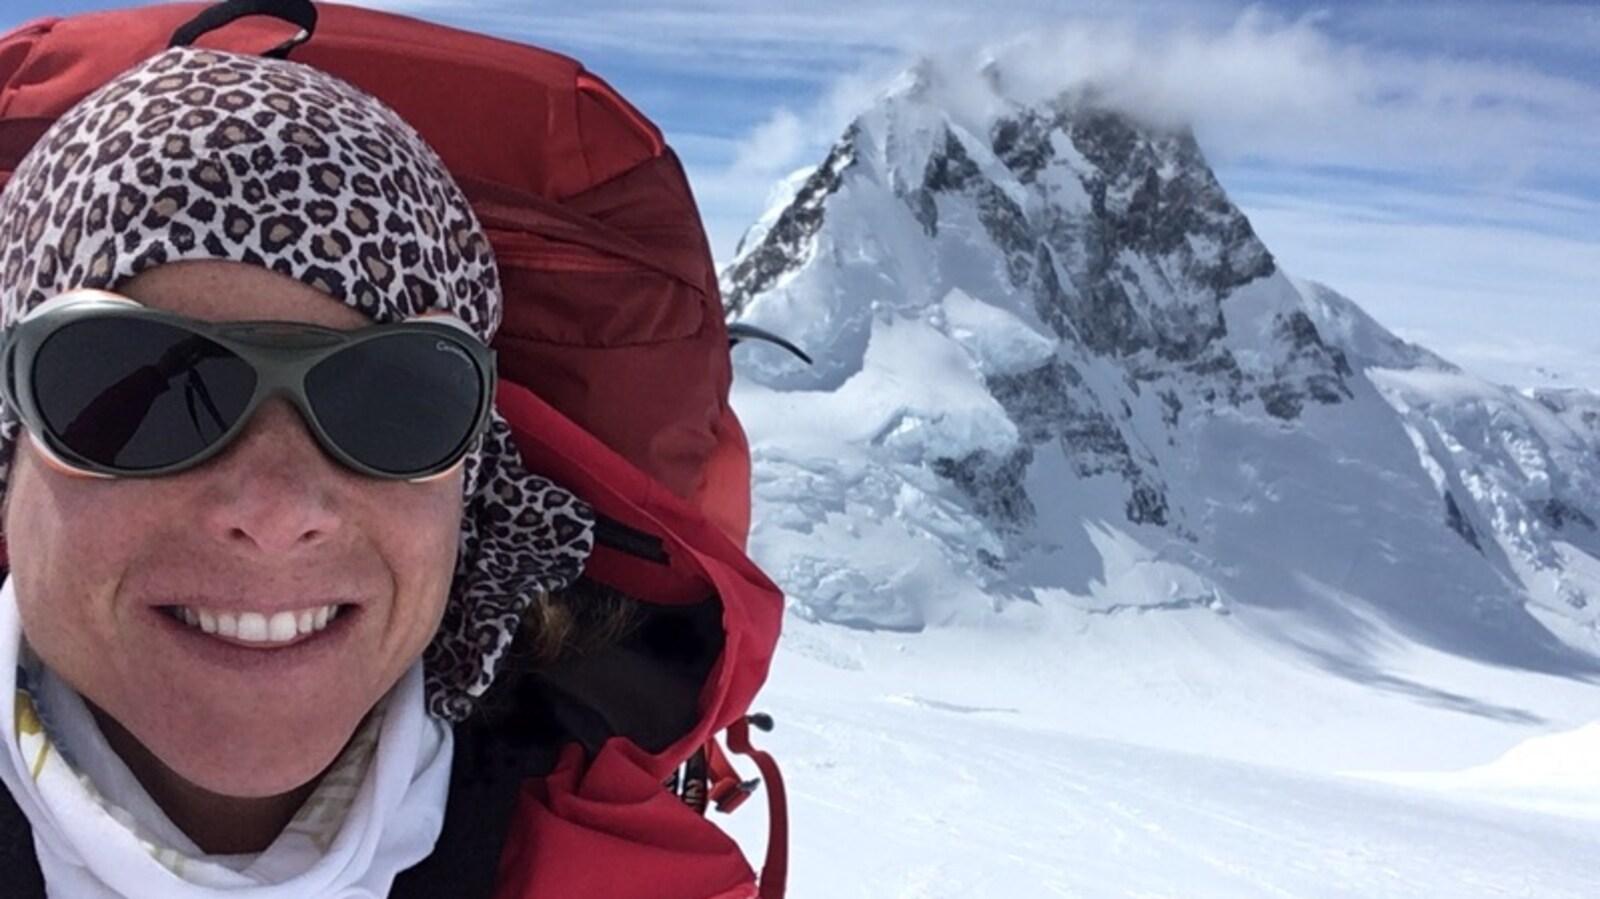 L'alpiniste Monique Richard dans les montagnes enneigées durant l'ascension du mont Logan au Yukon